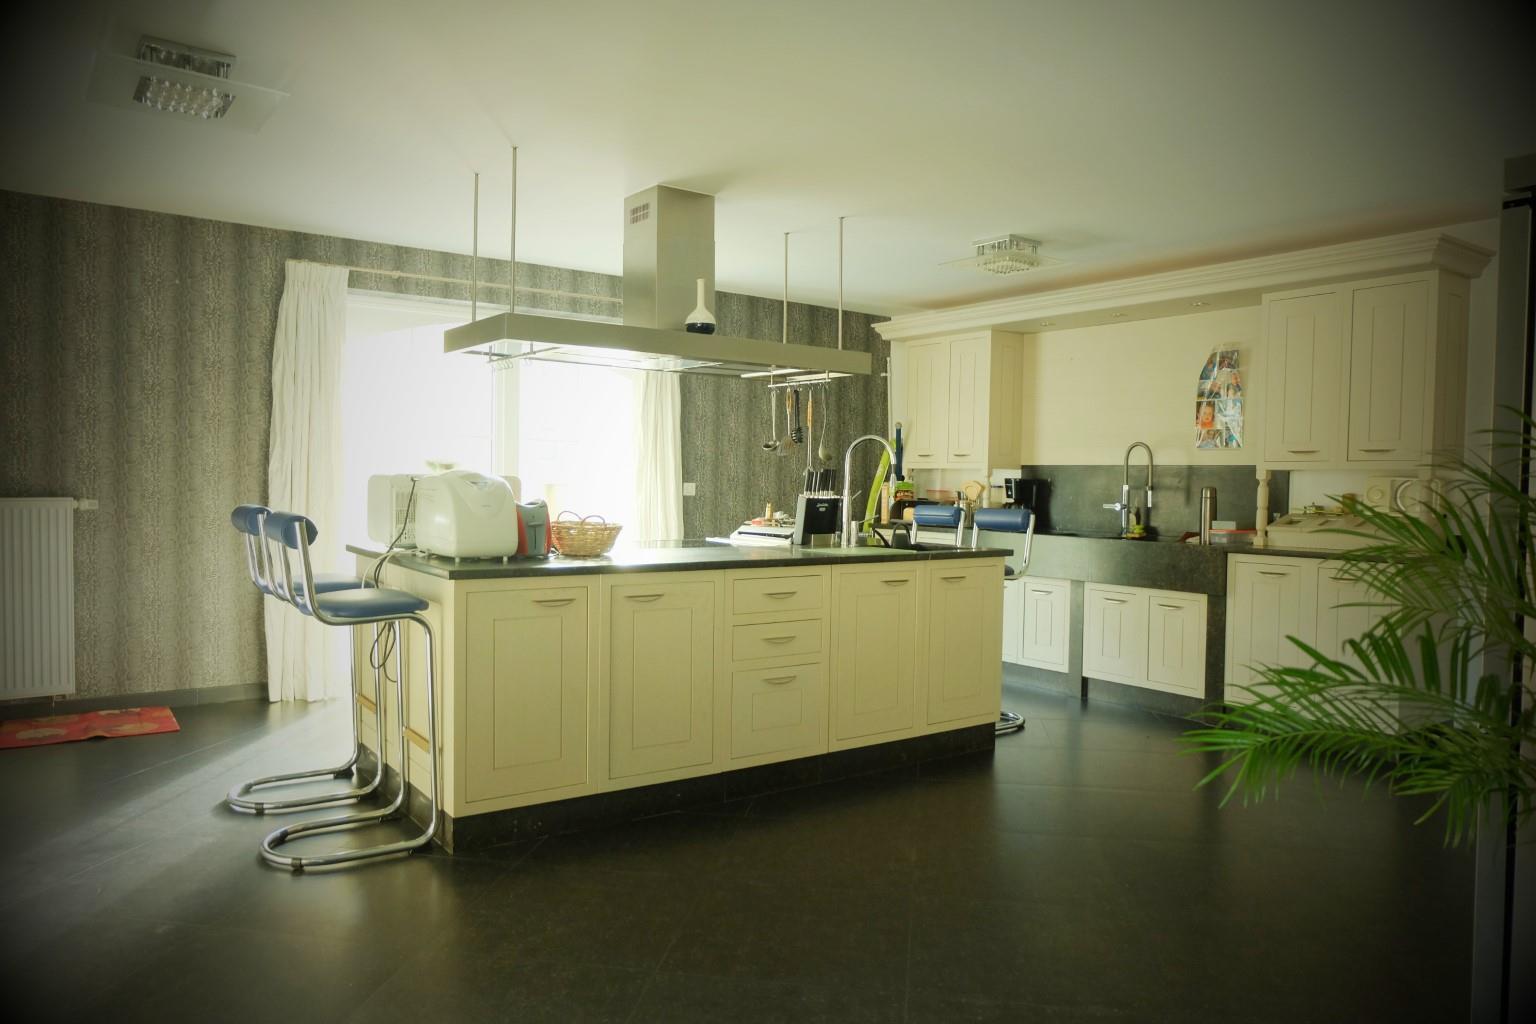 Appartement exceptionnel - Braine-le-Comte Hennuyères - #2181234-2